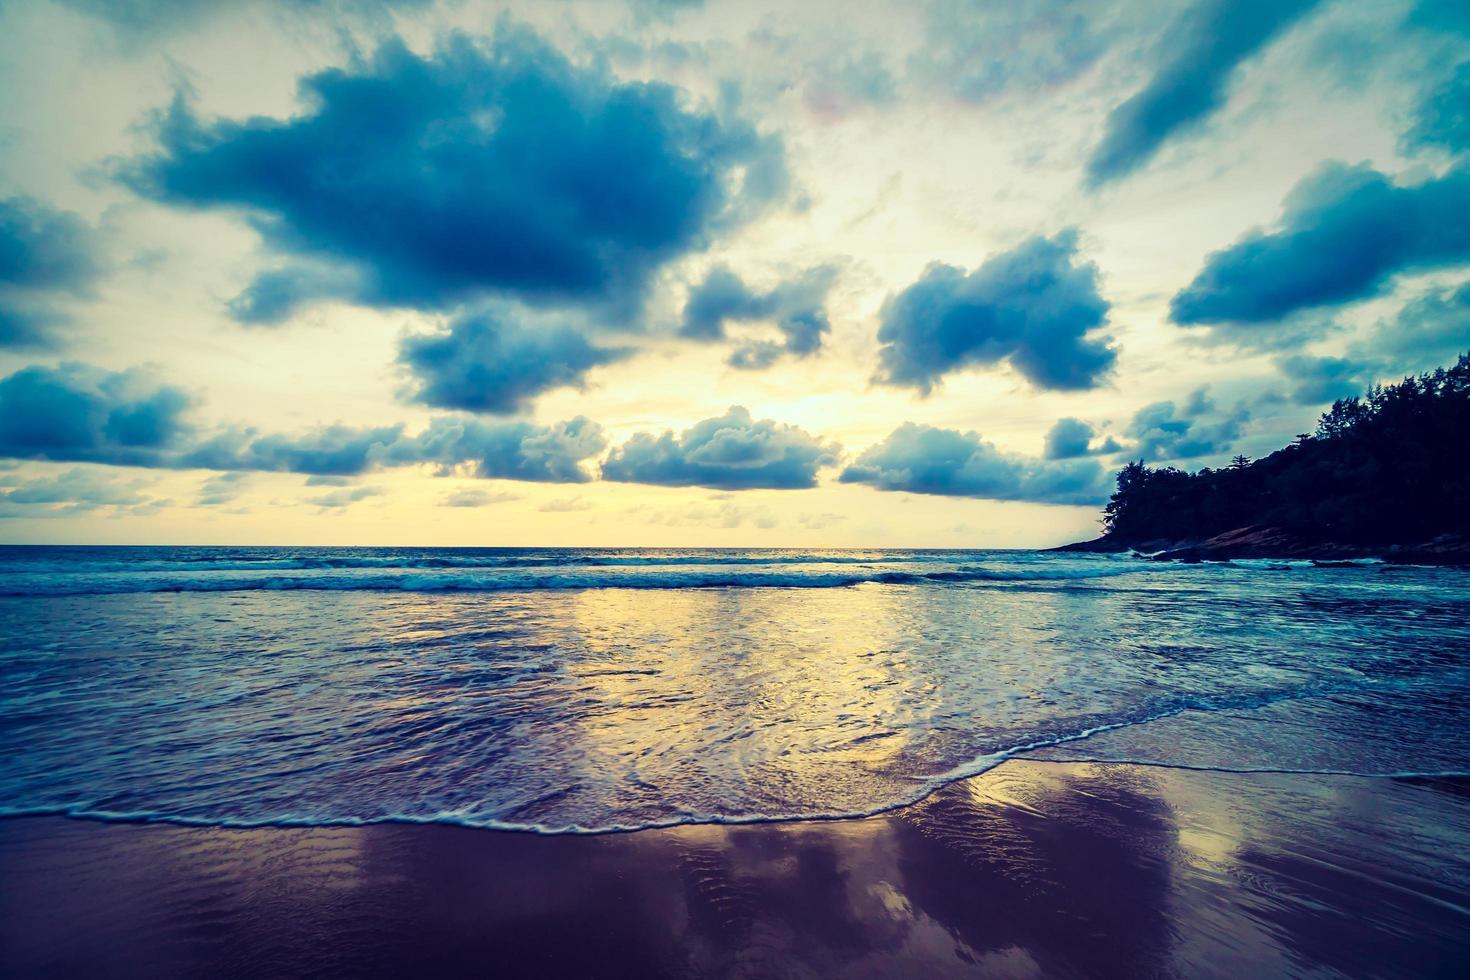 puesta de sol sobre la playa foto